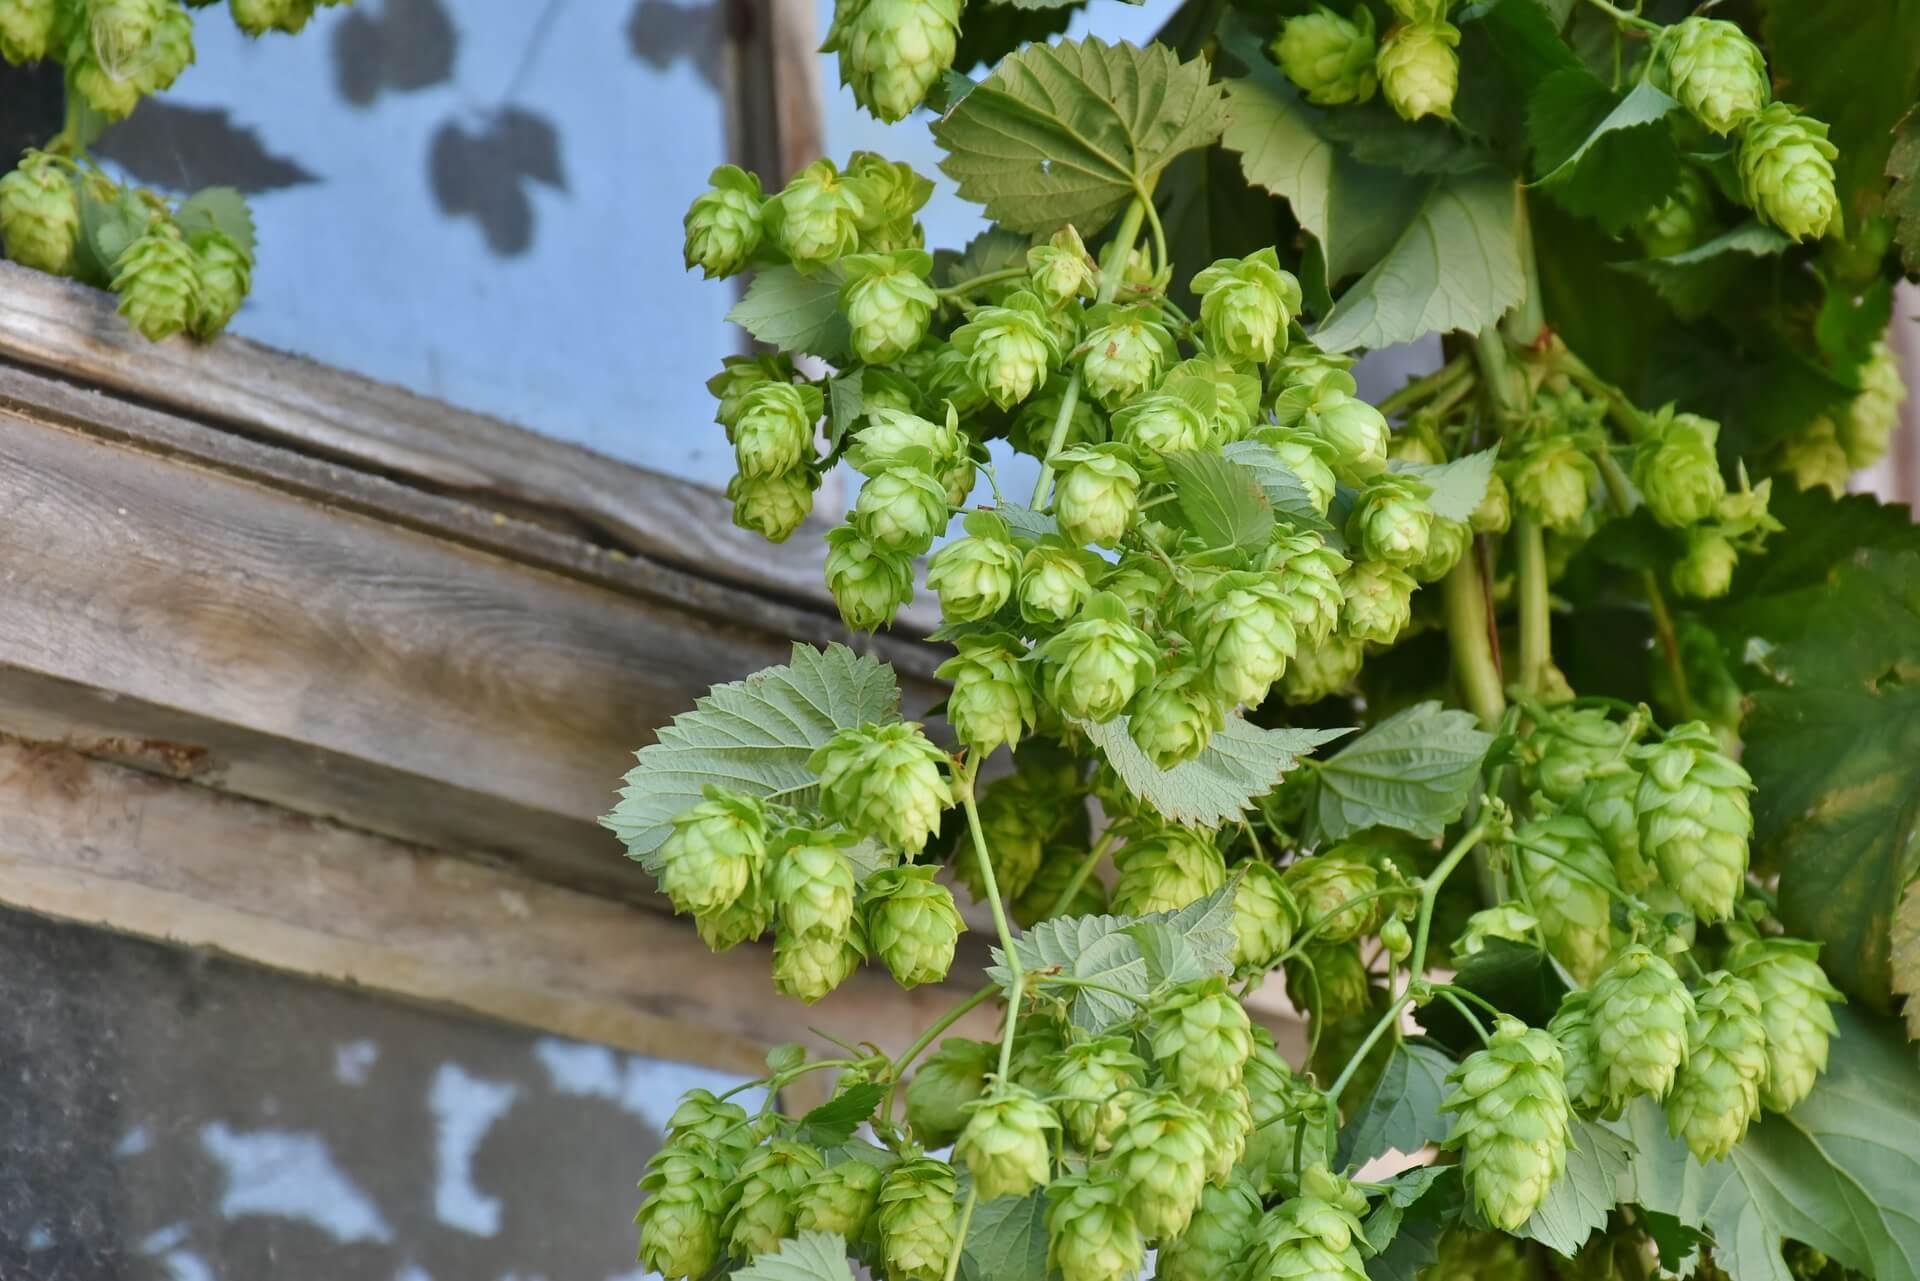 hop-harvest-1596086_1920